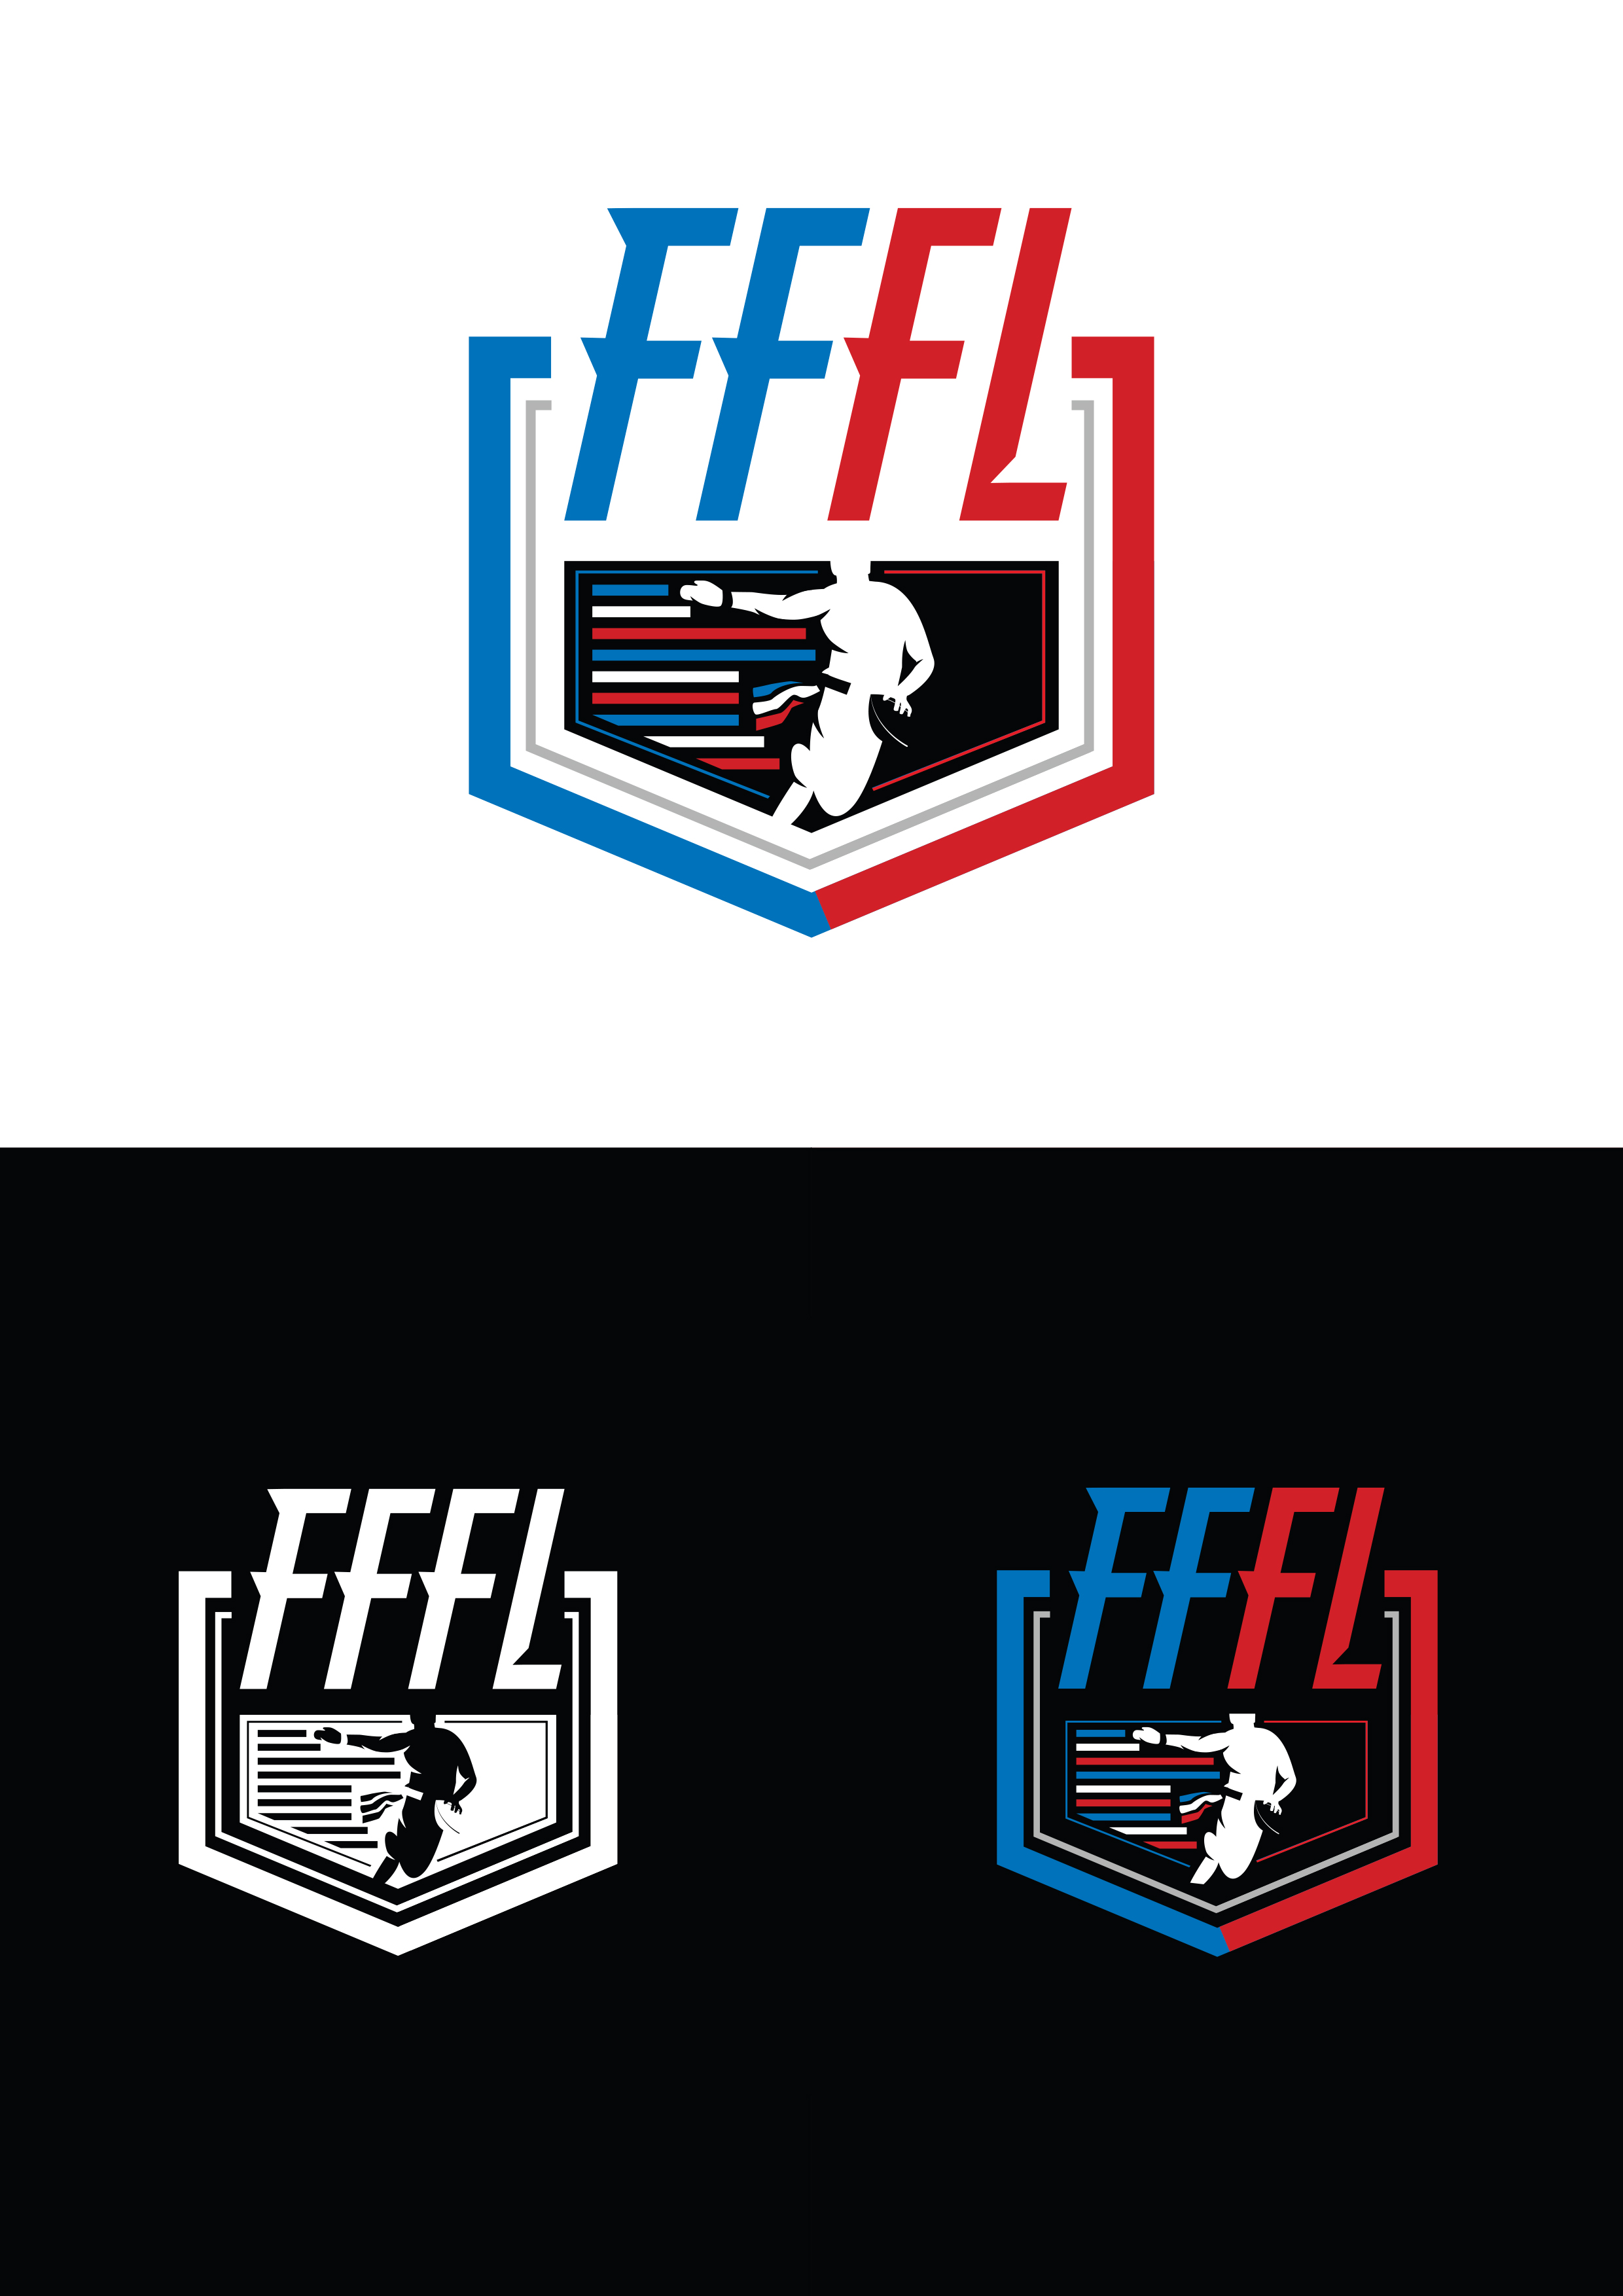 fffl-logotype